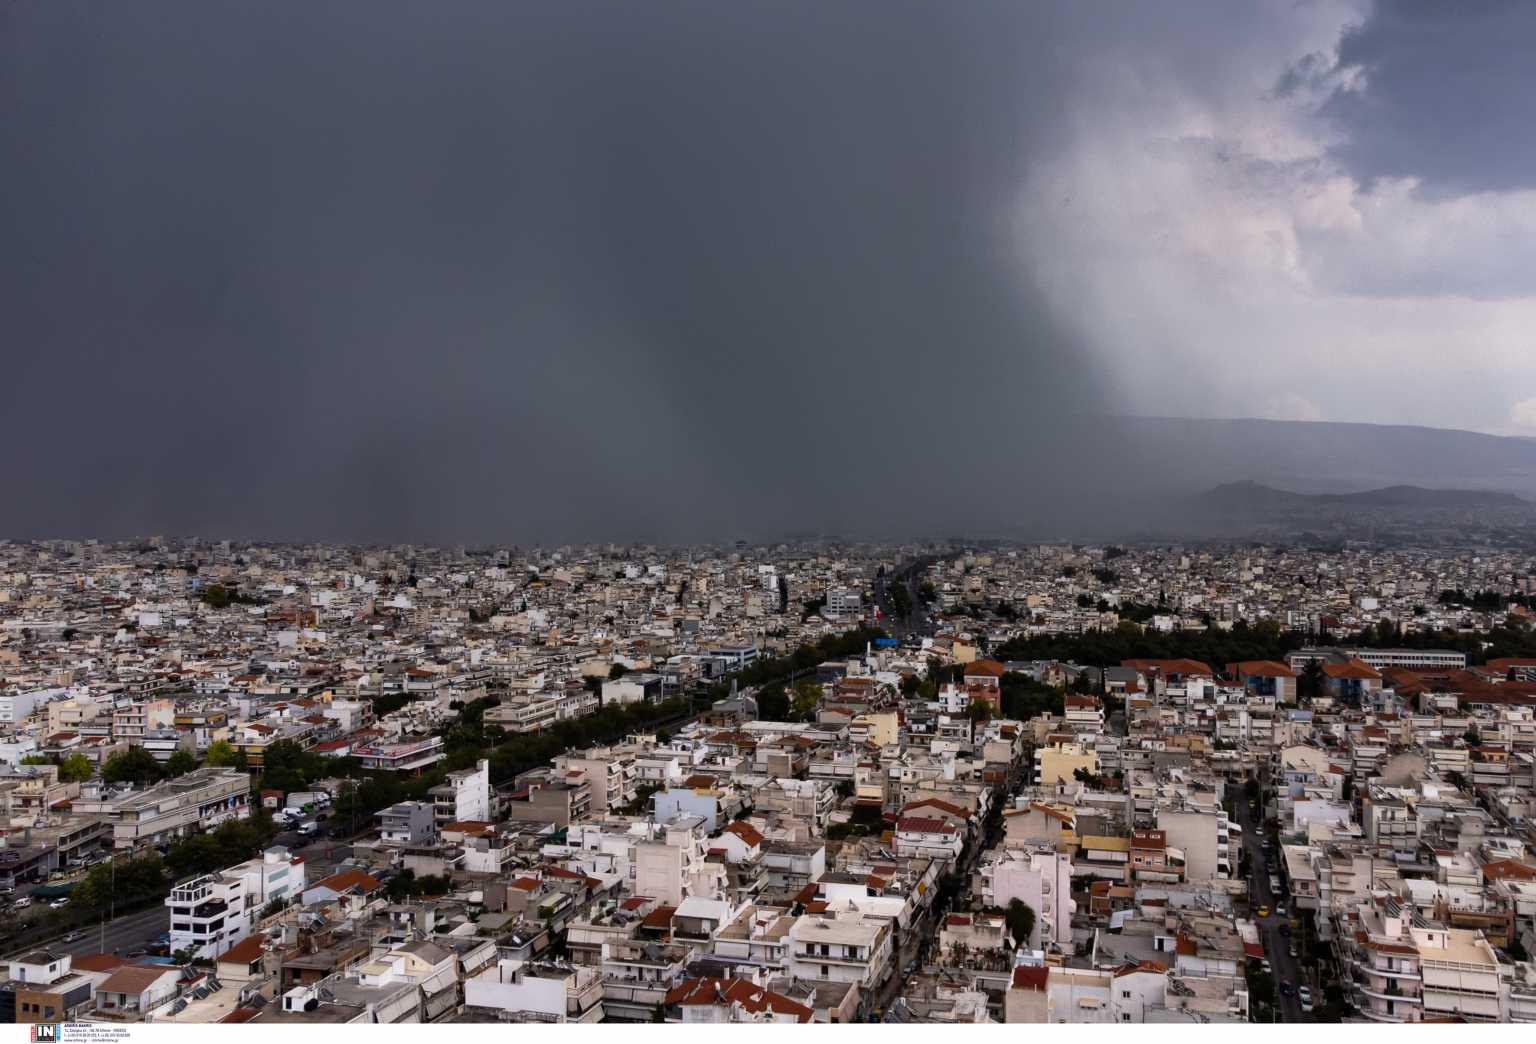 Καιρός meteo – Κακοκαιρία «Αθηνά»: Σφοδρές καταιγίδες σε Αθήνα και Θεσσαλονίκη την Κυριακή (10/10)